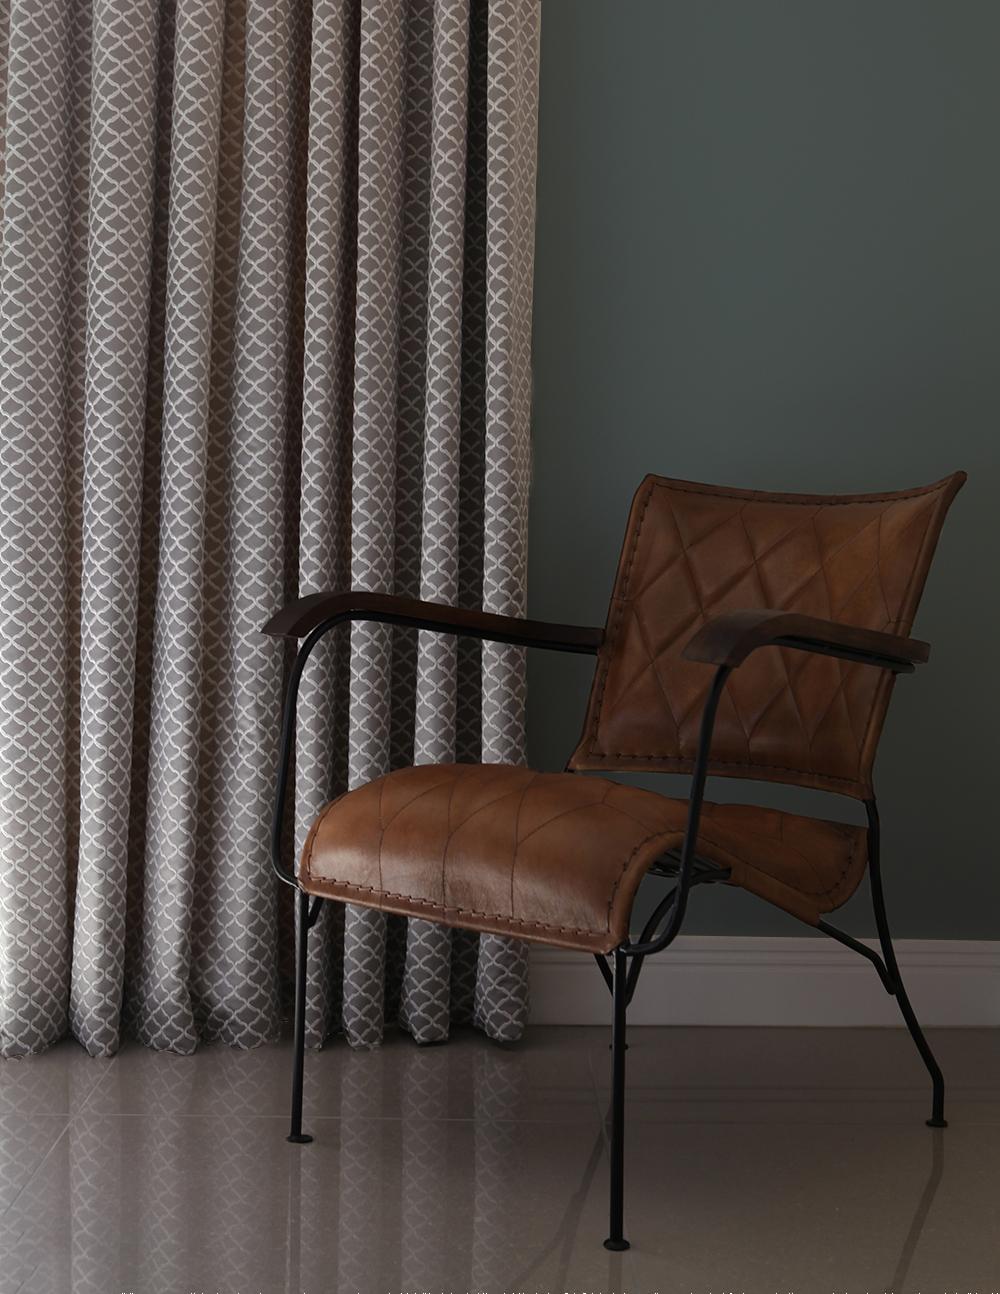 furniture 01 coloured.jpg